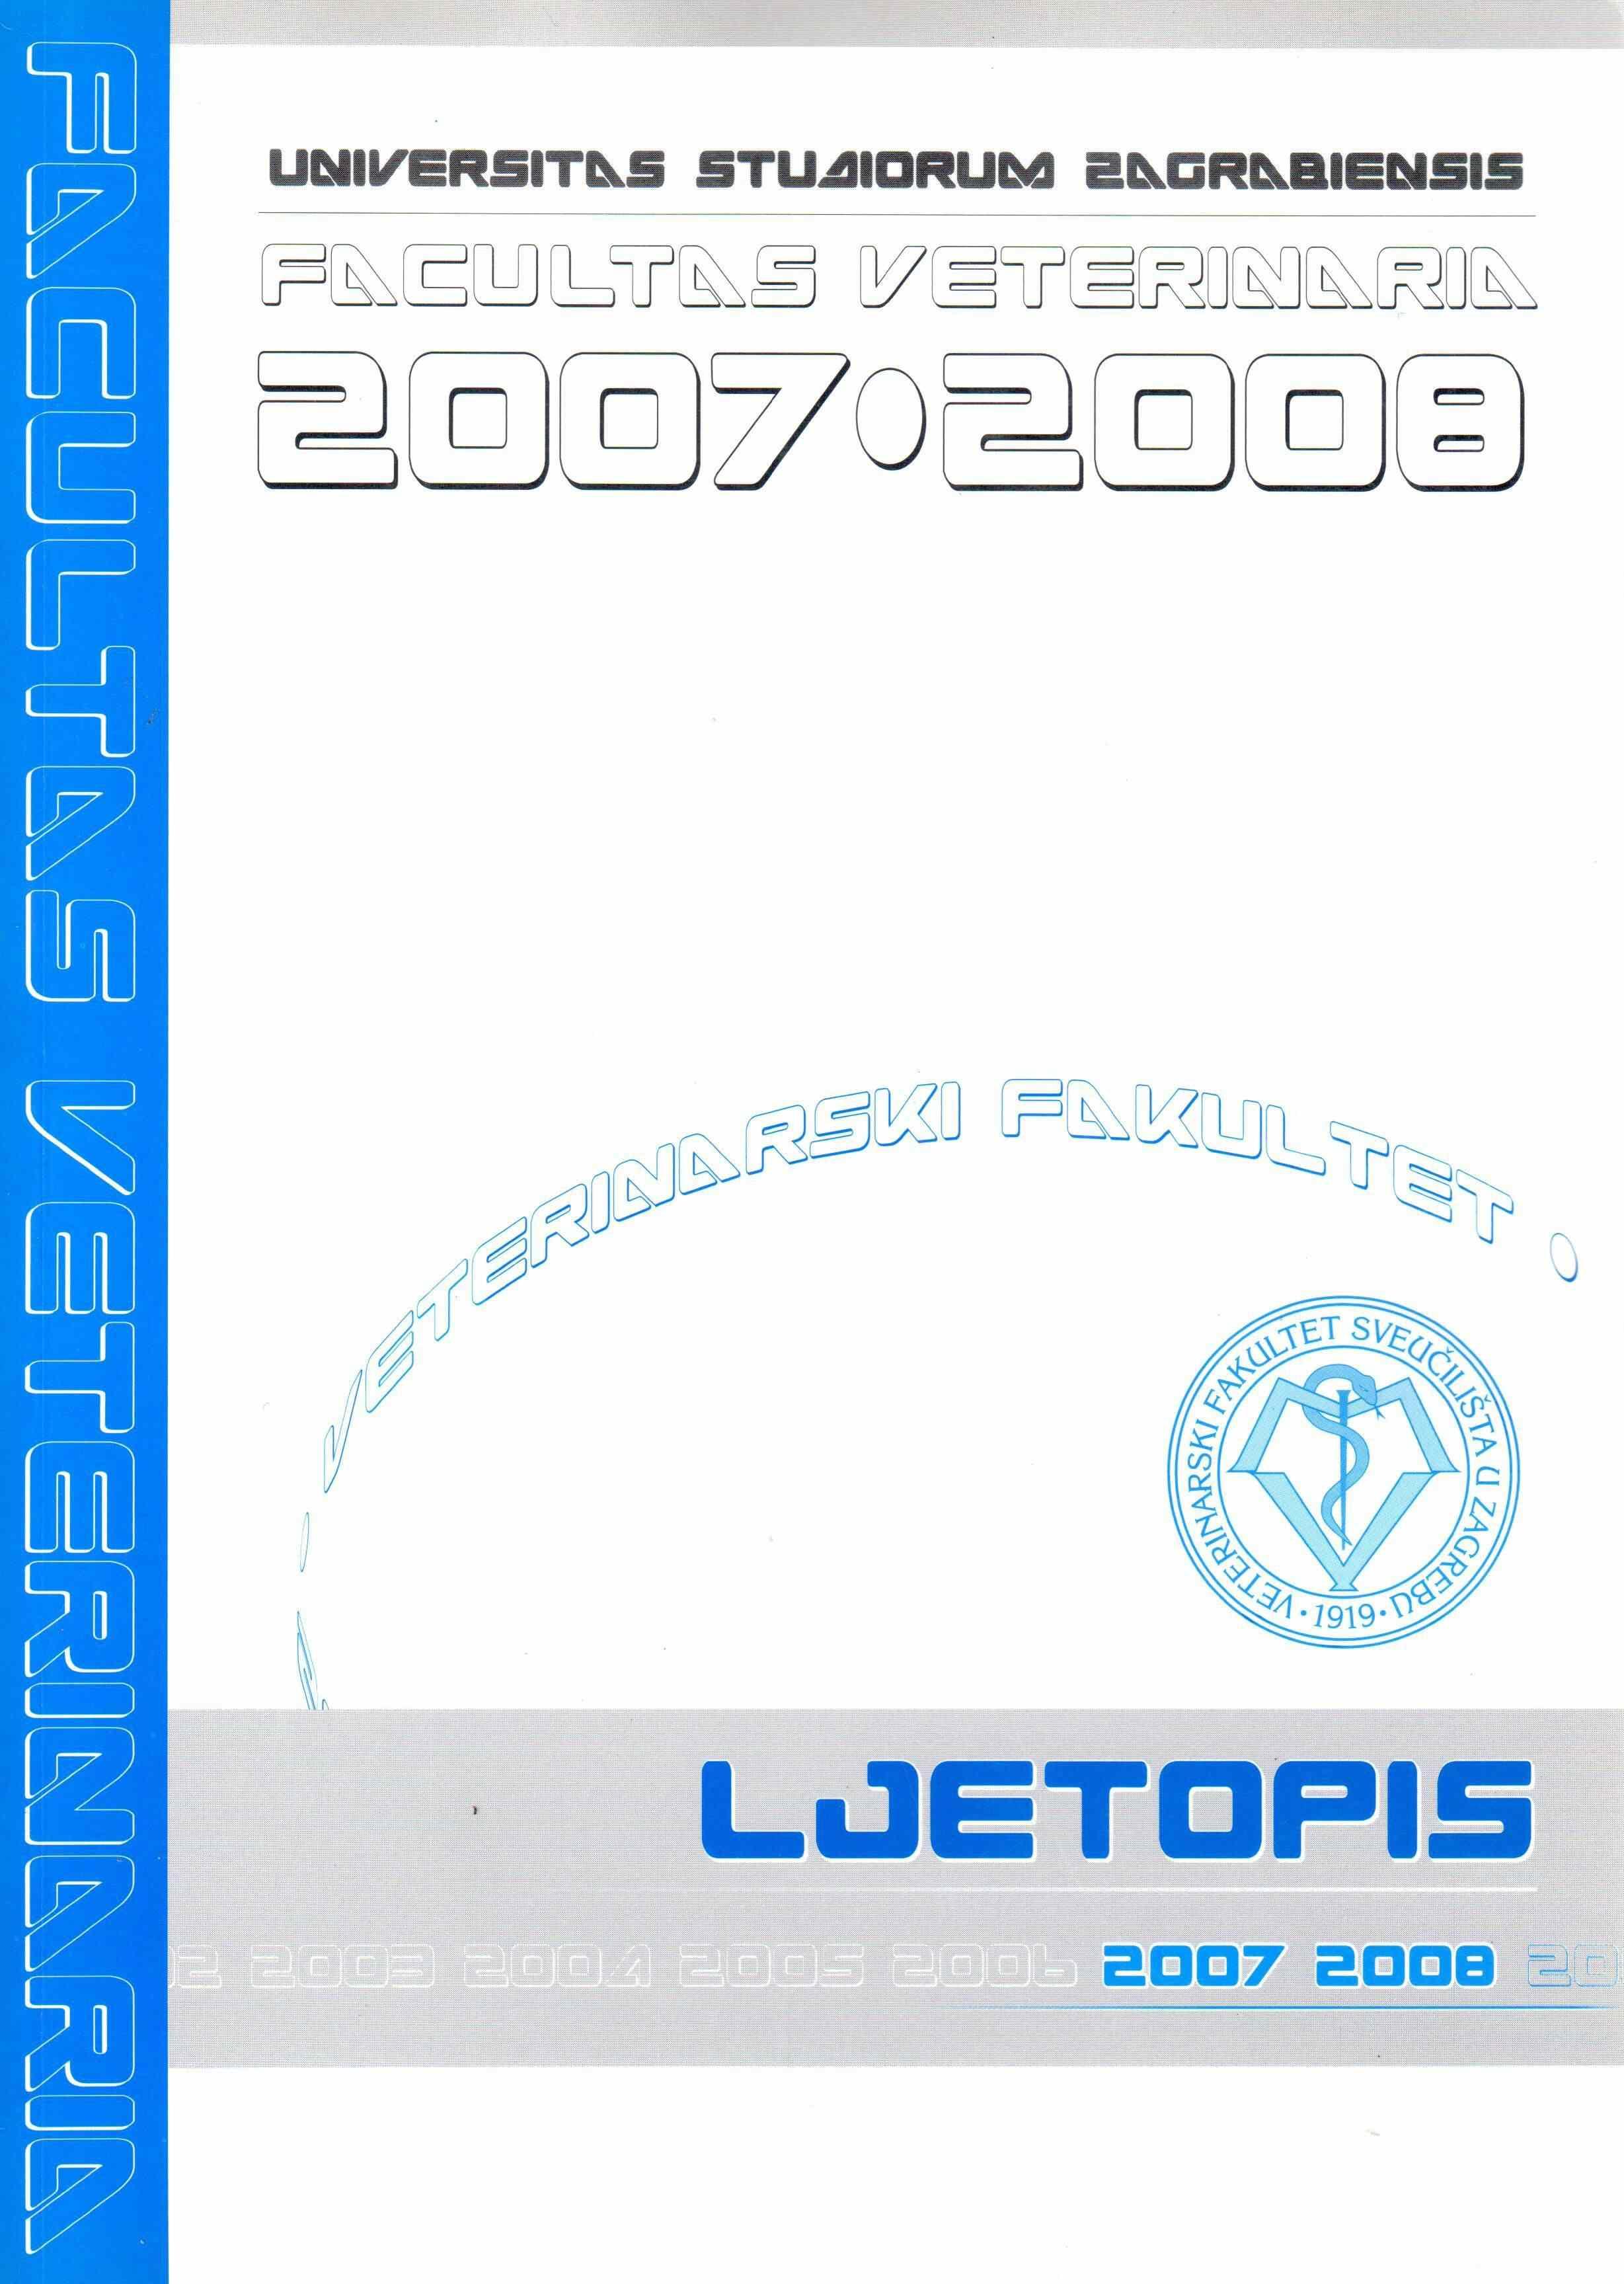 Ljetopis 2007-2008